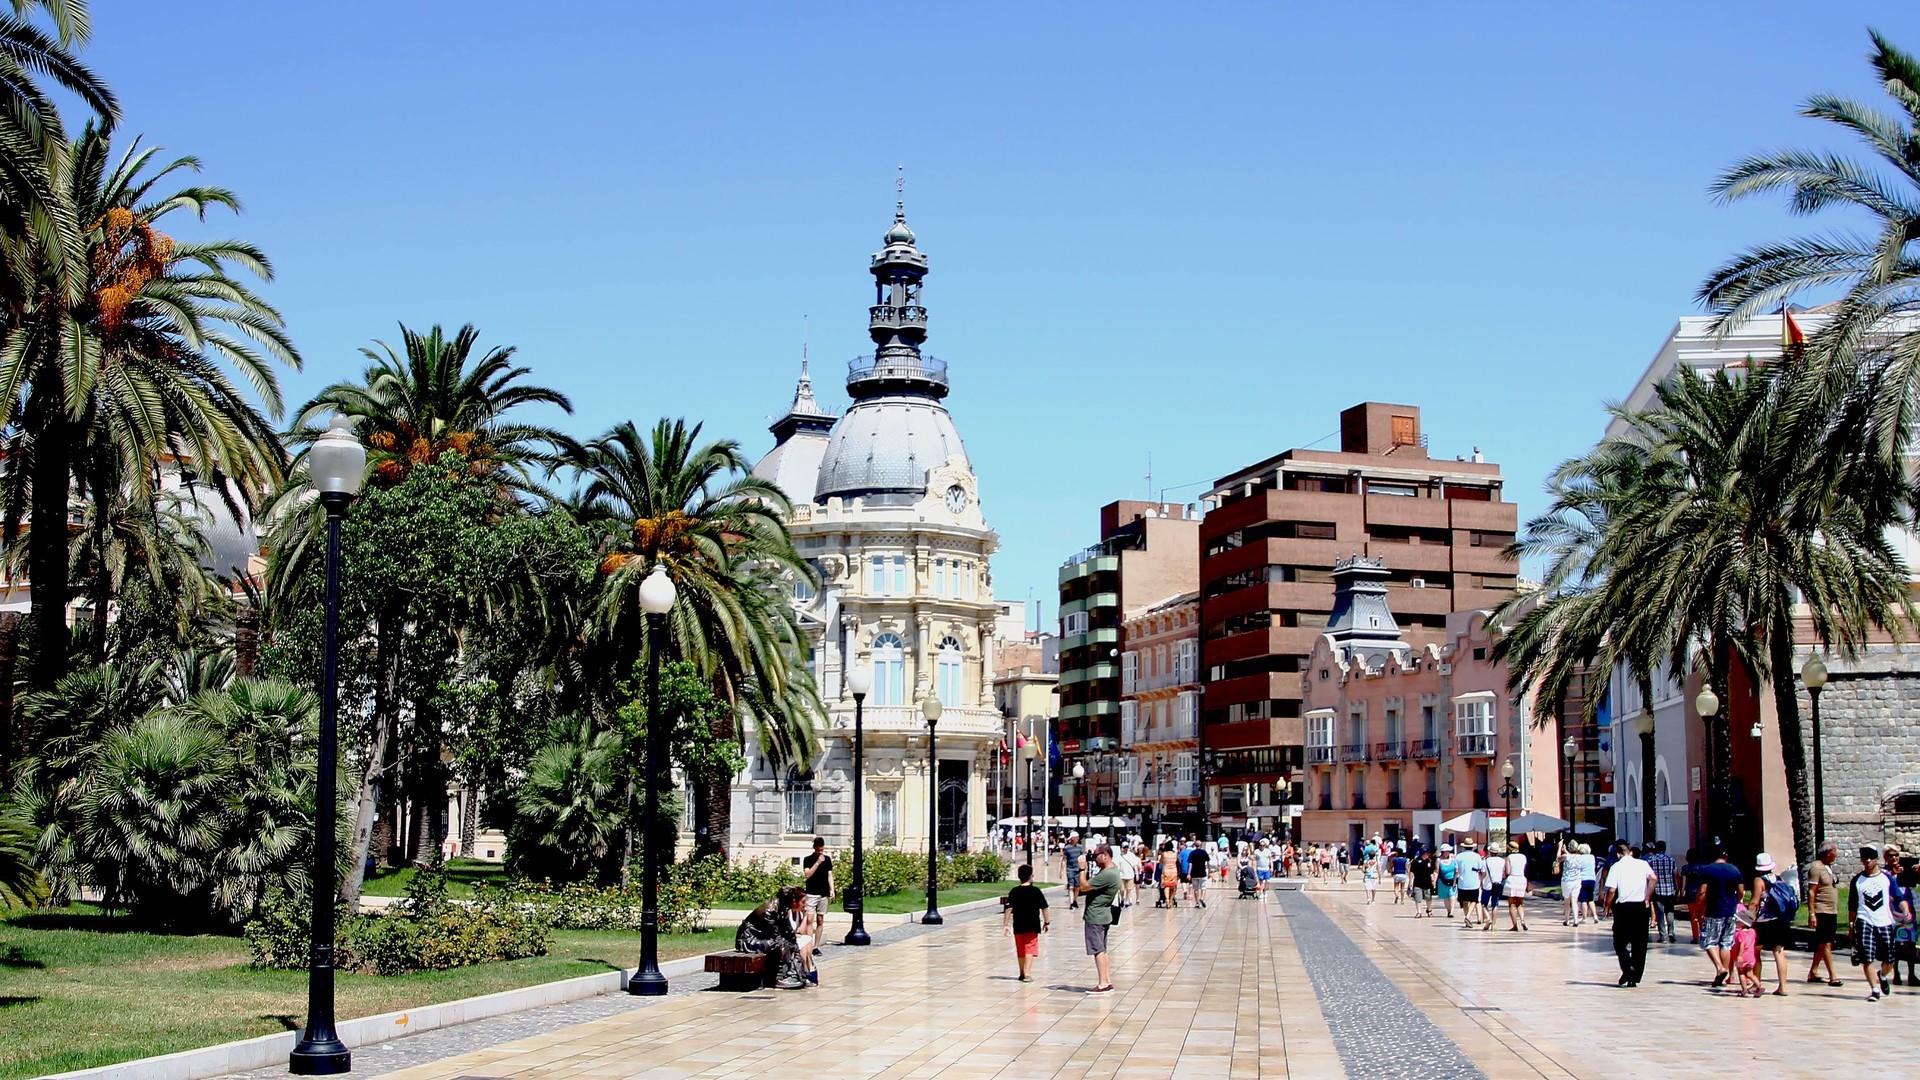 Cartagena fondos